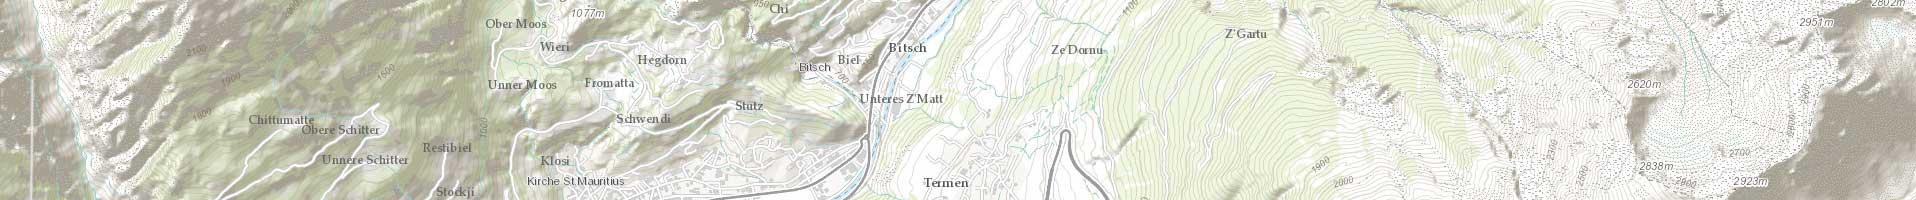 Carte topographique Monde / ESRI 6e niveau d'agrandissement